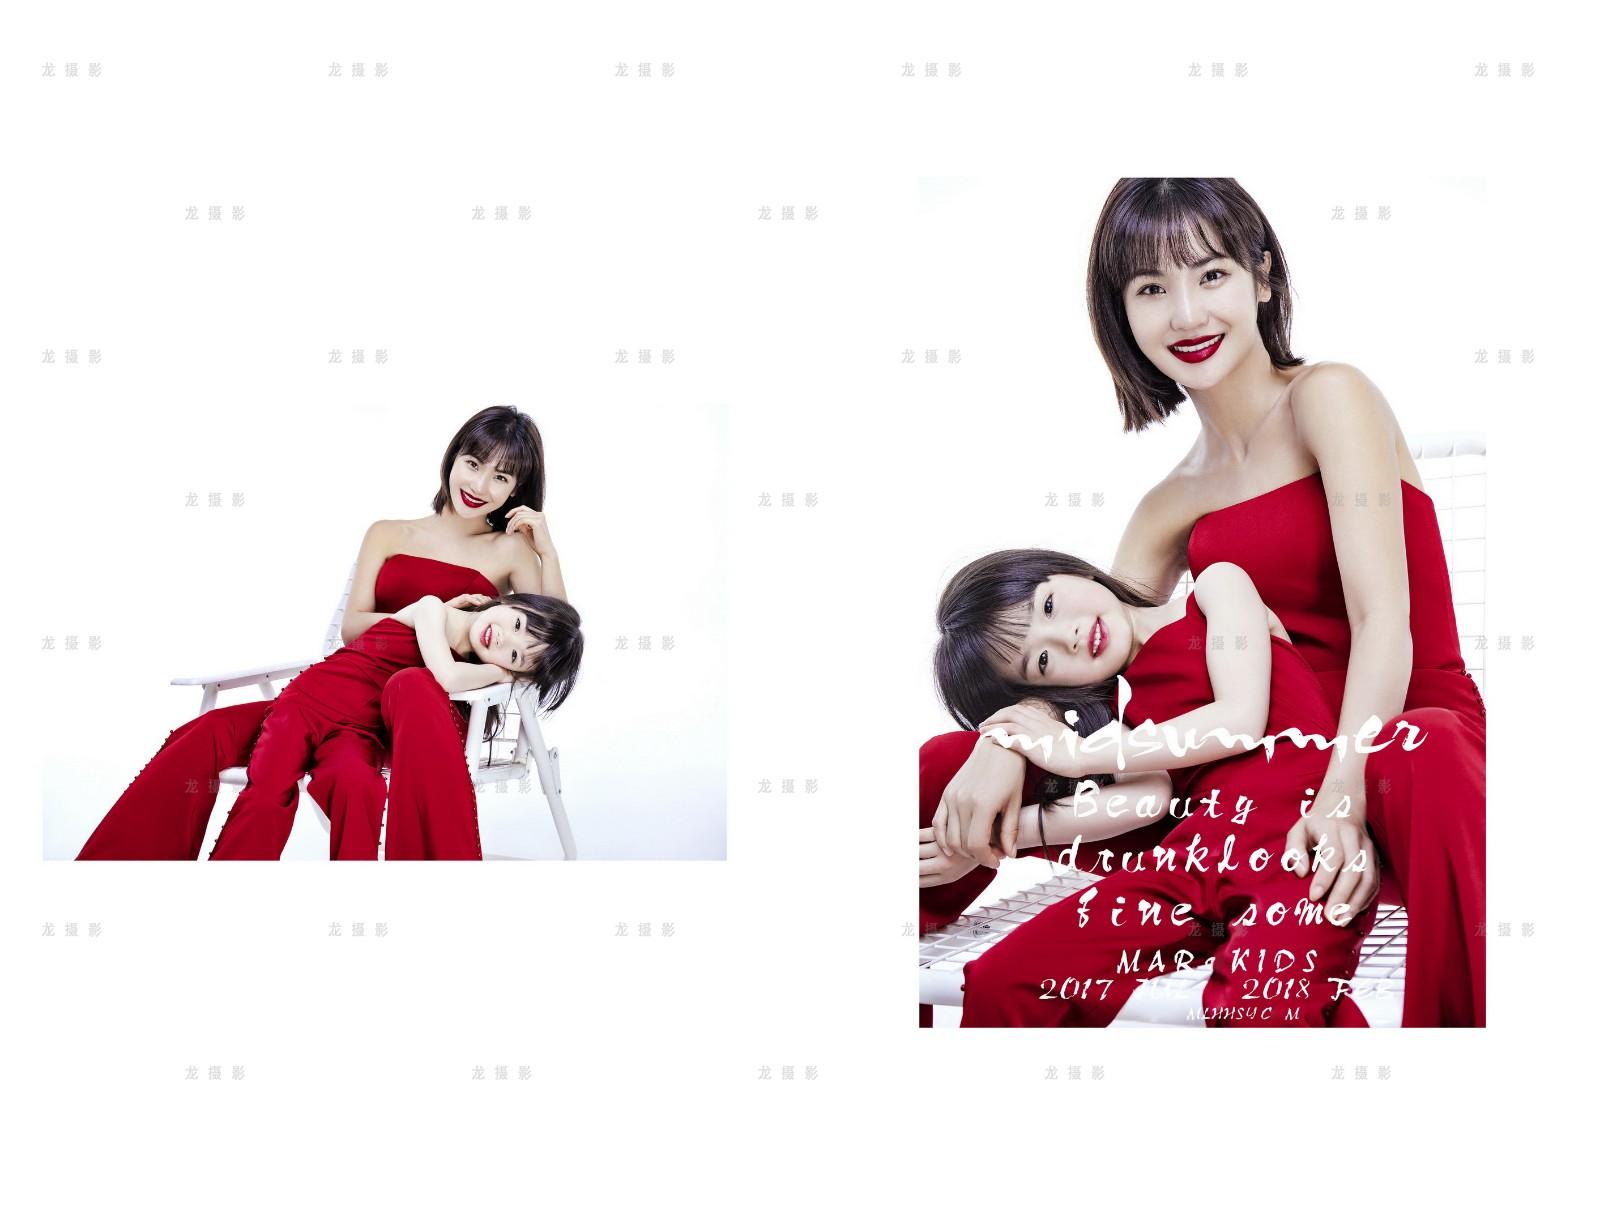 安吉拉|极简-朝阳尊爵龙摄影有限公司